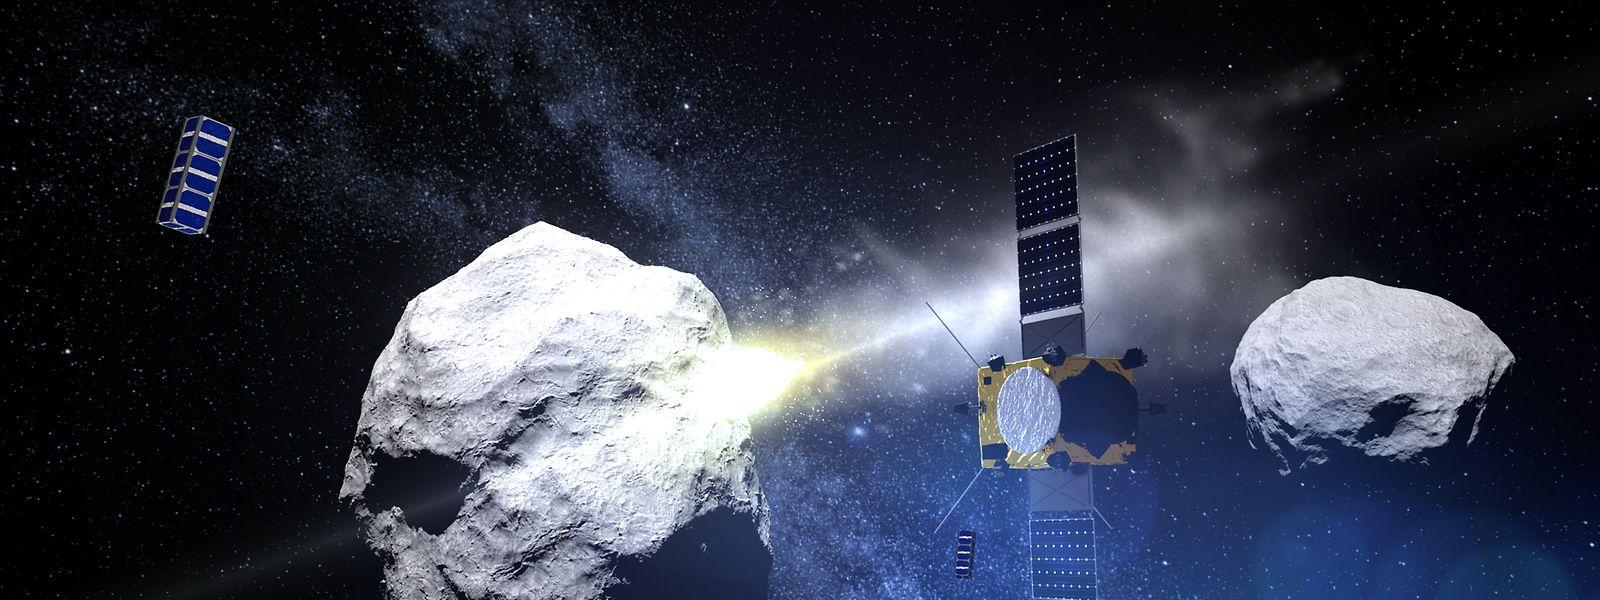 """Die NASA-Raumsonde """"Dart"""" soll in den kleinen Asteroiden """"Didymoon"""" einschlagen und so seine Bahn verändern. Die europäische Raumsonde """"Hera"""", an der sich Luxemburg beteiligt, soll das Ergebnis untersuchen: den Einschlagskrater und die neue Flugbahn."""